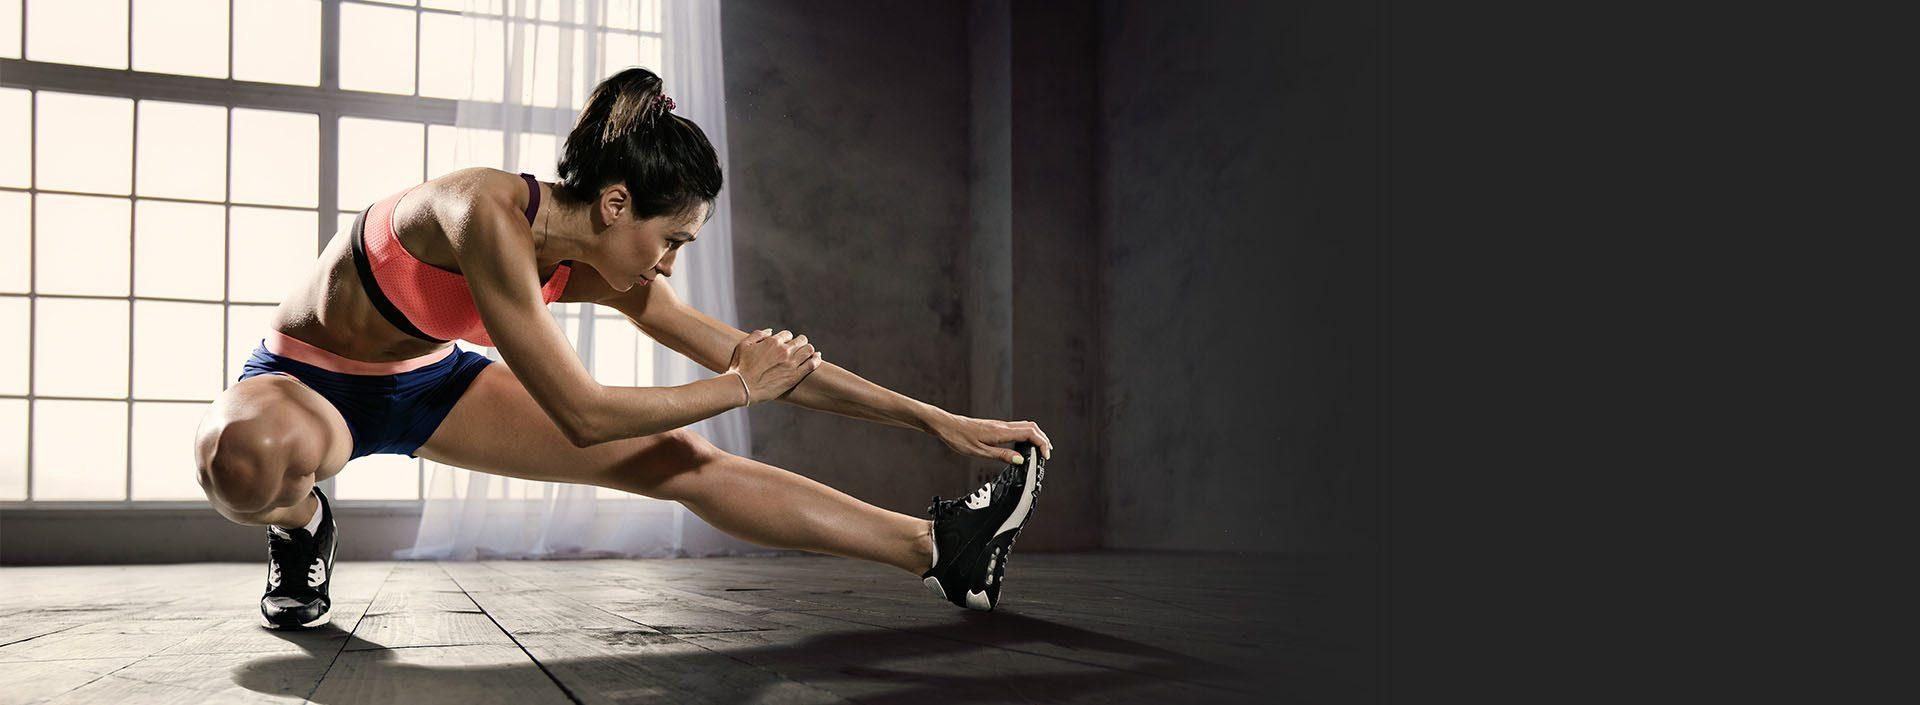 snelste manier spieren kweken